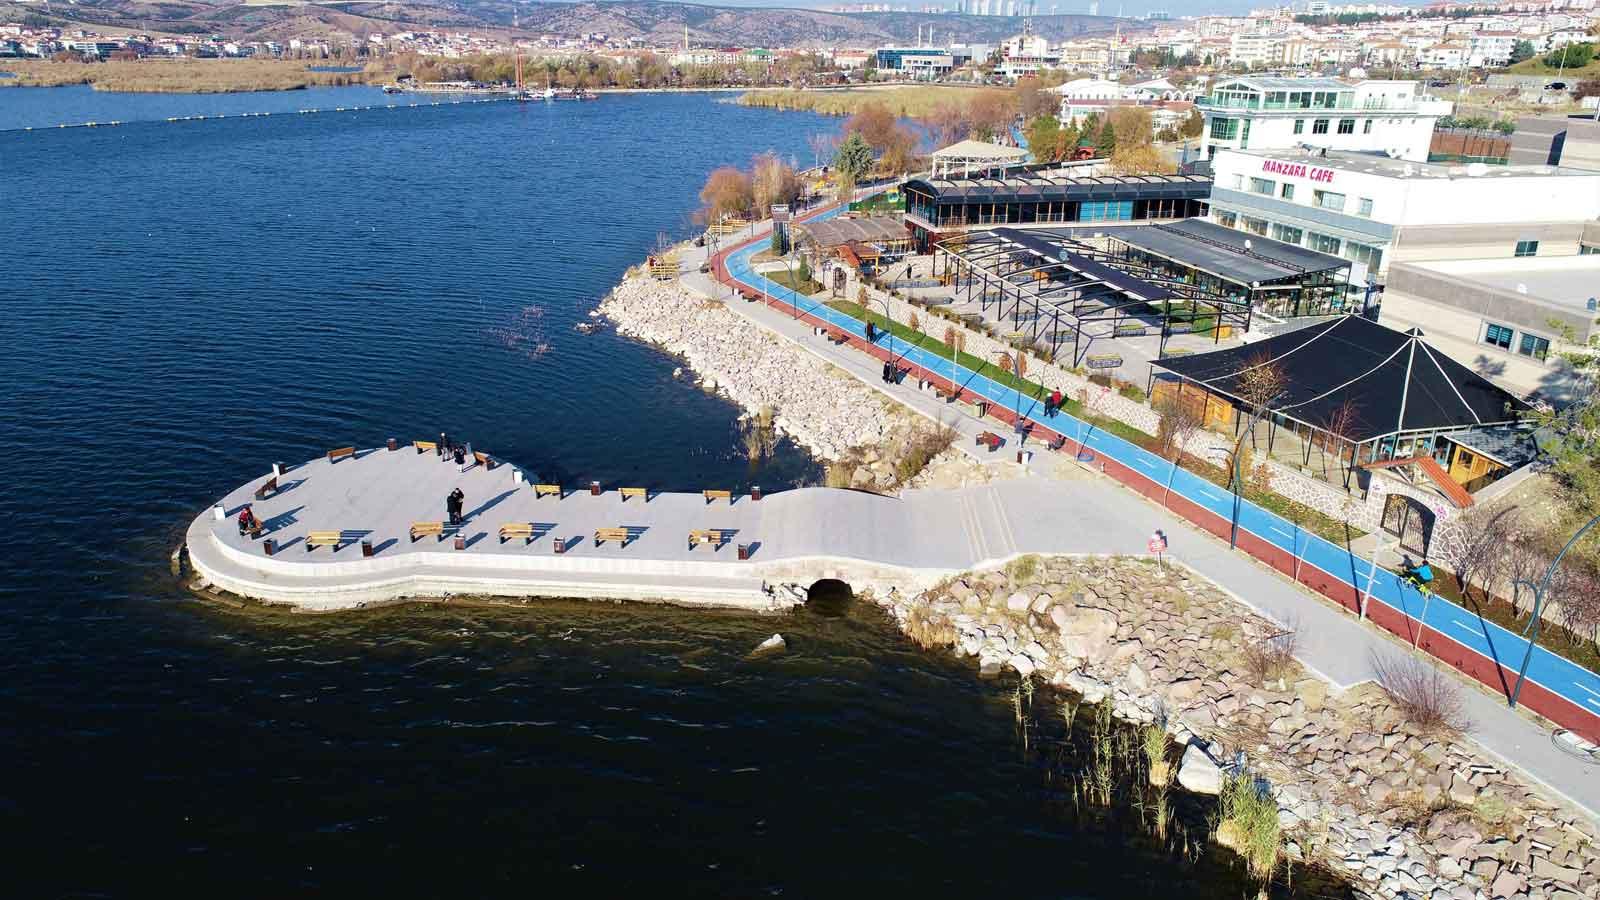 Mogan Gölü Çevresi Rekreasyon ve Rehabilitasyon Projesi; 1. Etap Bisiklet ve Yürüyüş Yolu Projesi'nin 1.815 Metresi Tamamlandı